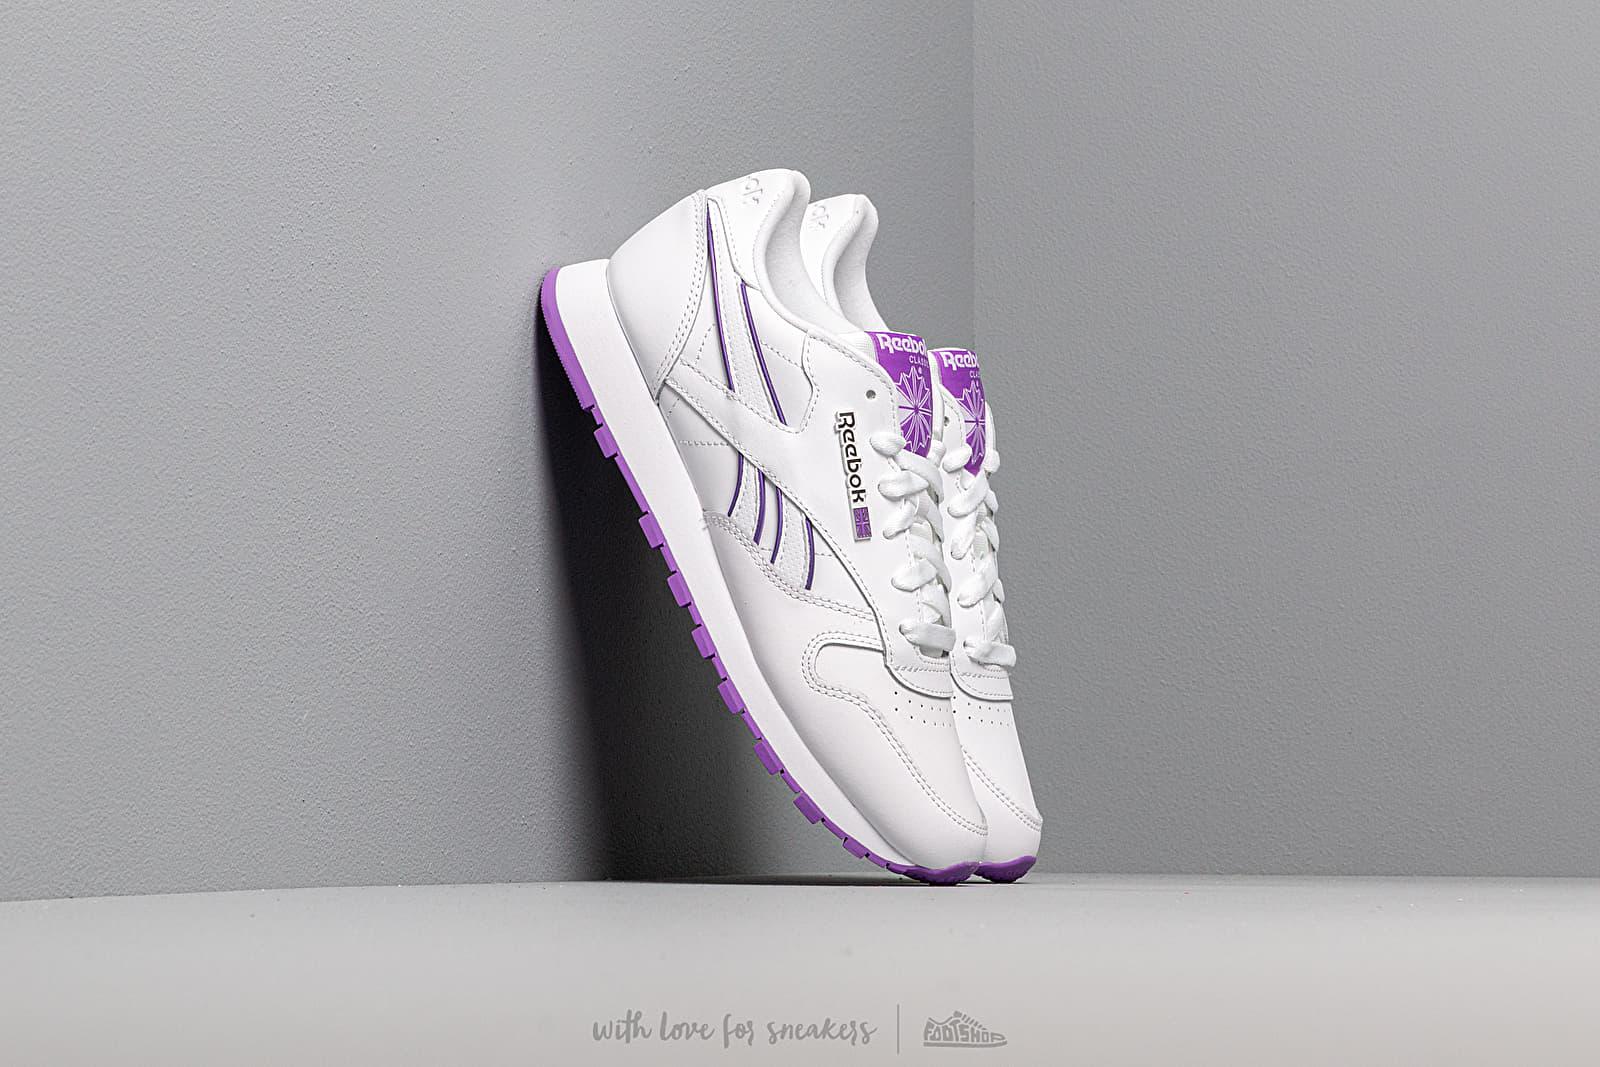 Dámské tenisky a boty Reebok Classic Leather White/ Grape Punch